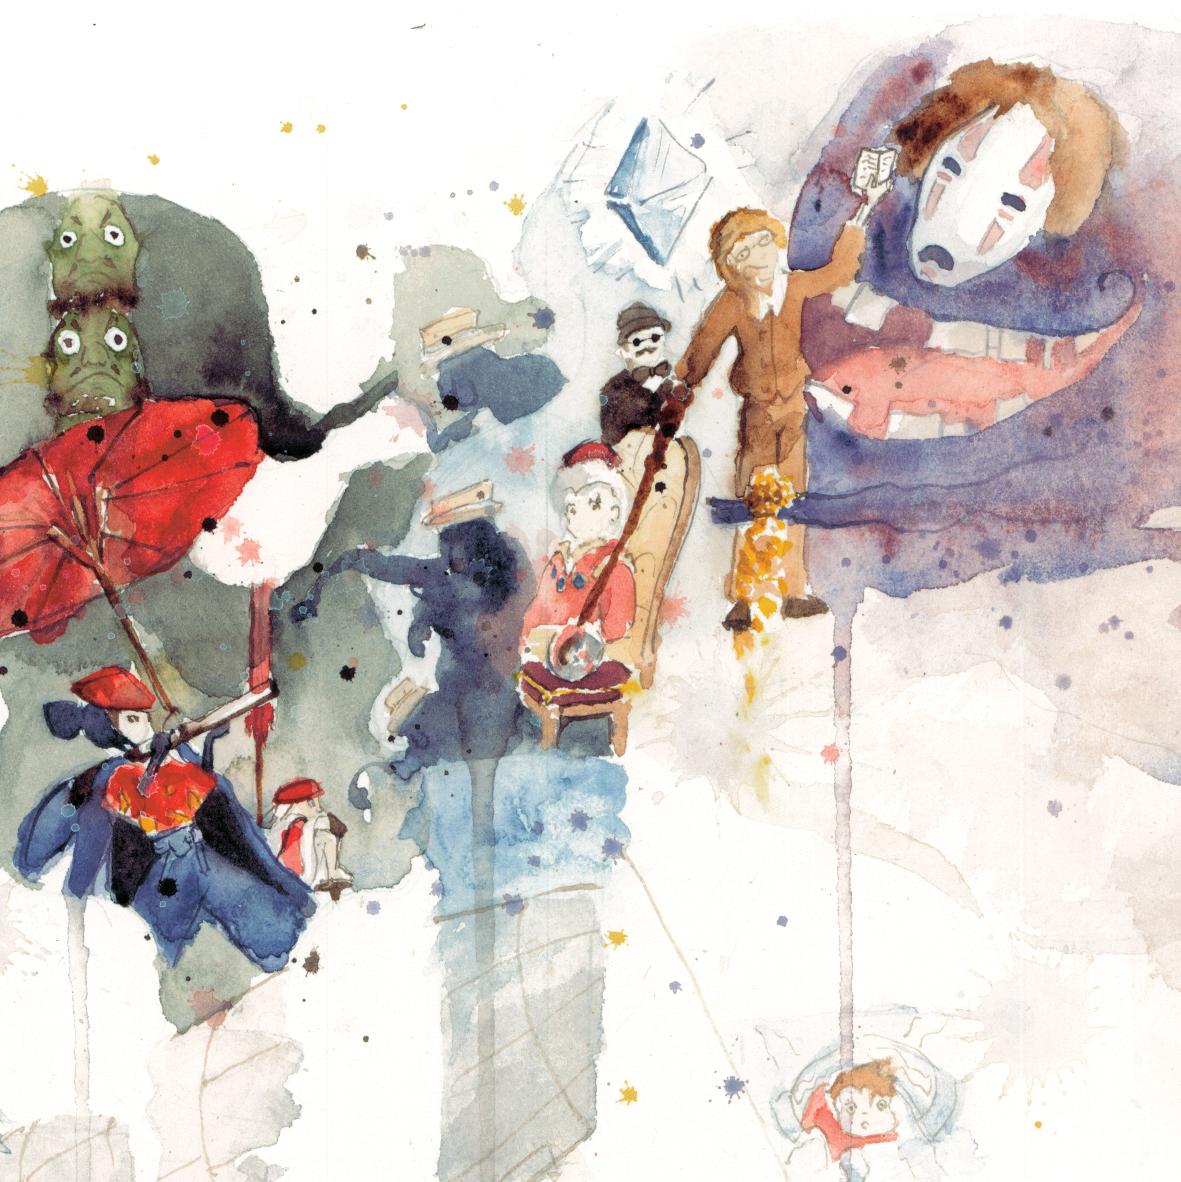 Ghibli-web-dets5.jpg